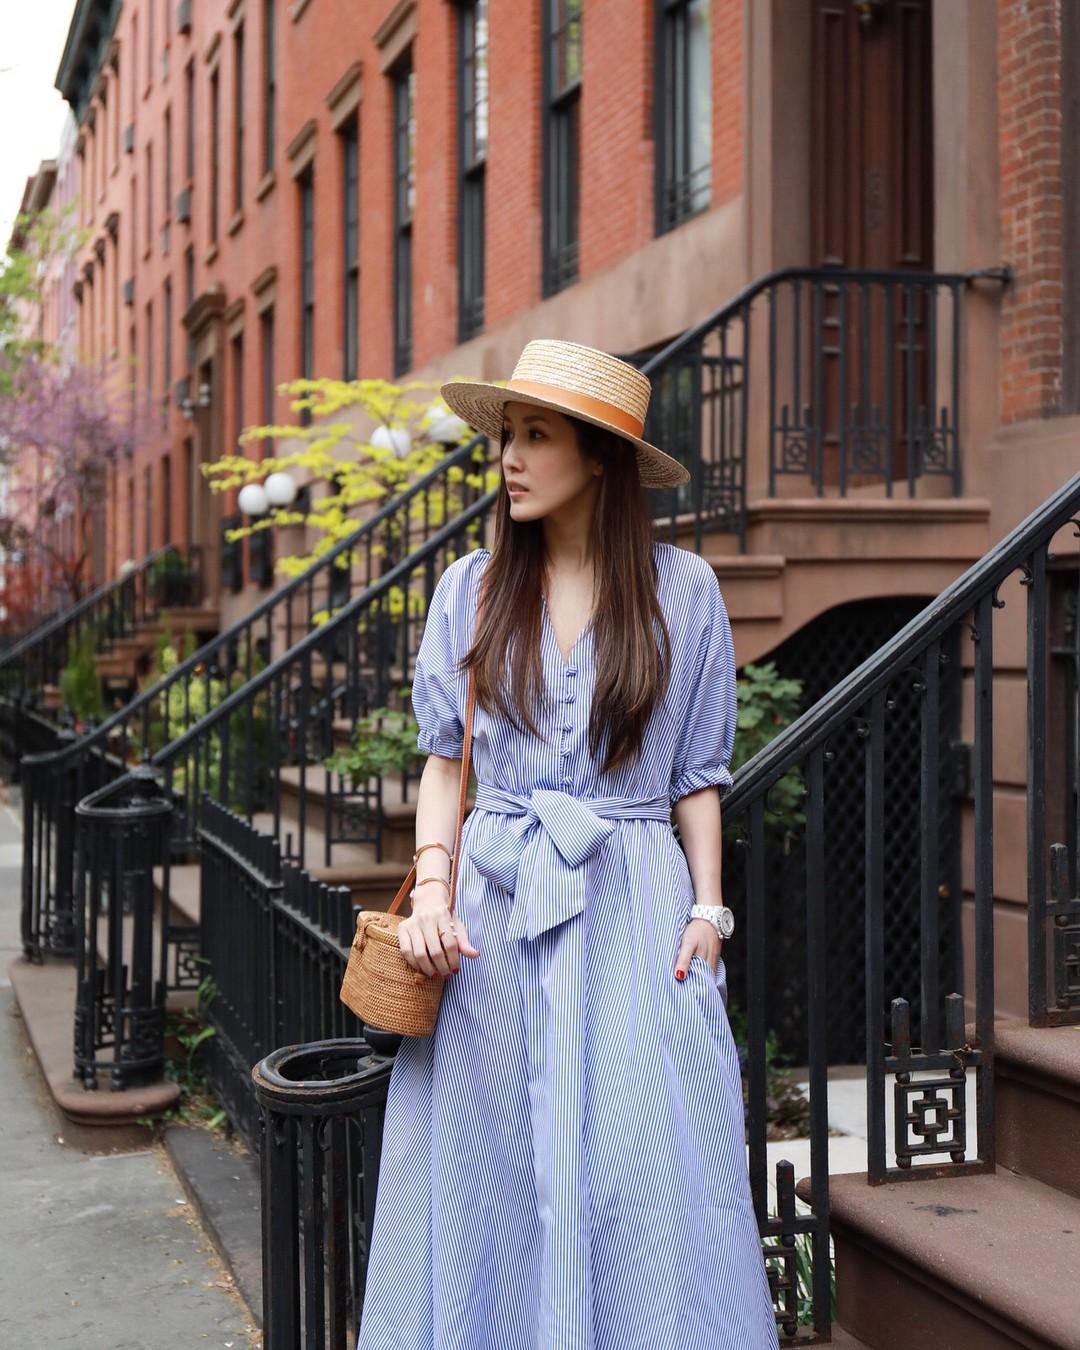 Thu đến, các nàng đừng bỏ lỡ 4 kiểu váy diện lên tuyệt xinh và đậm chất nữ tính này - Ảnh 3